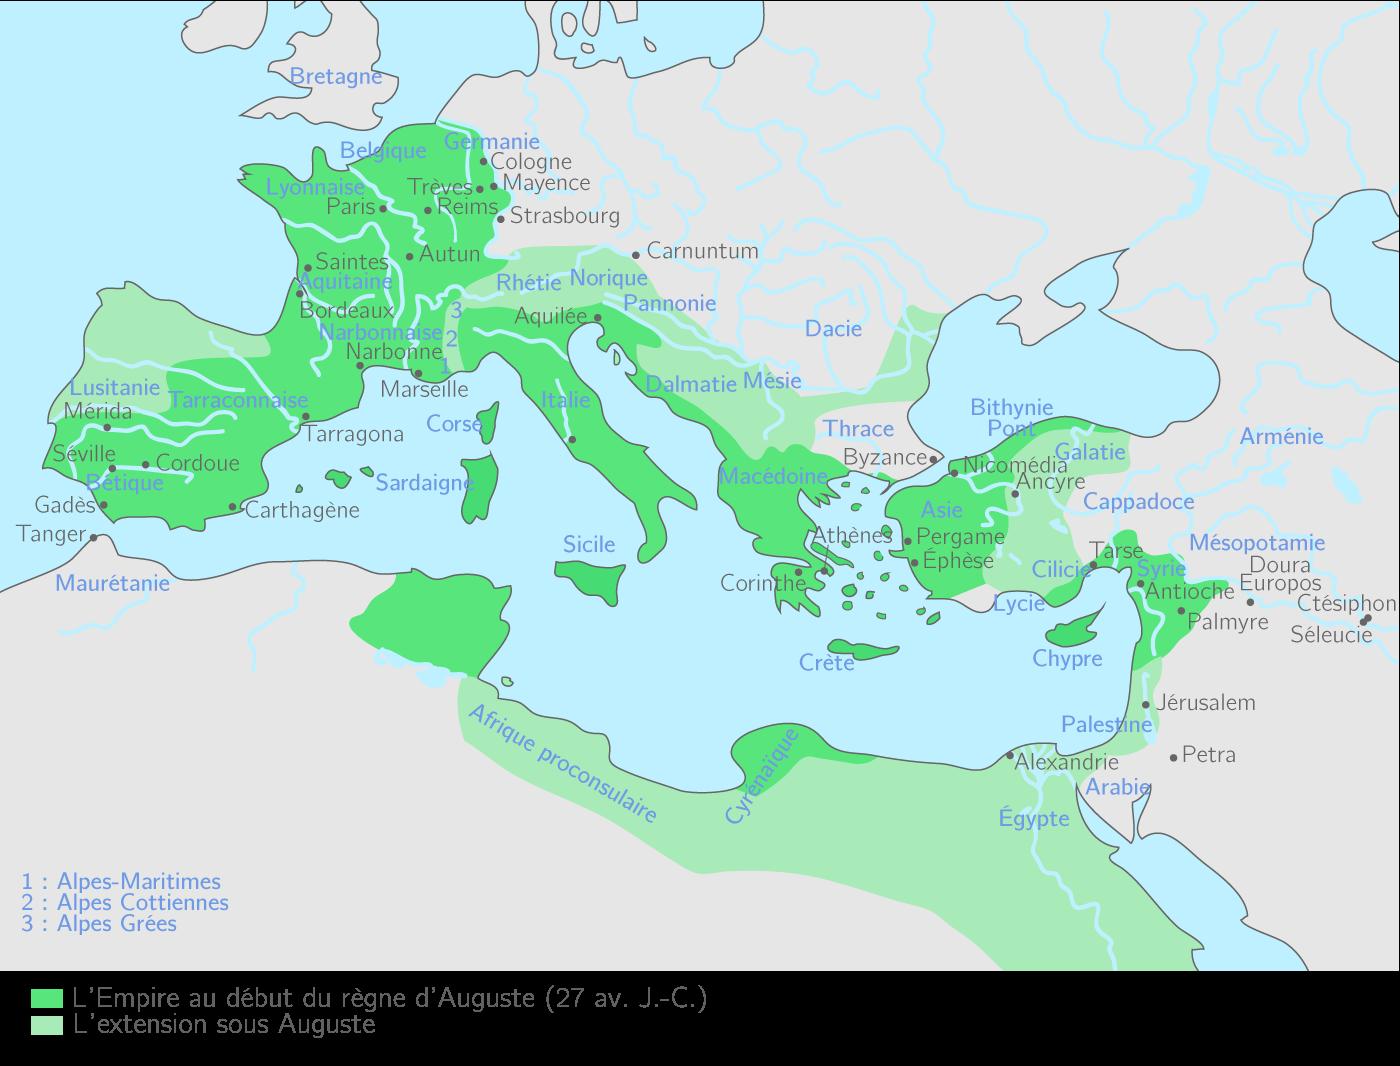 L'Empire romain sous l'empereur Auguste